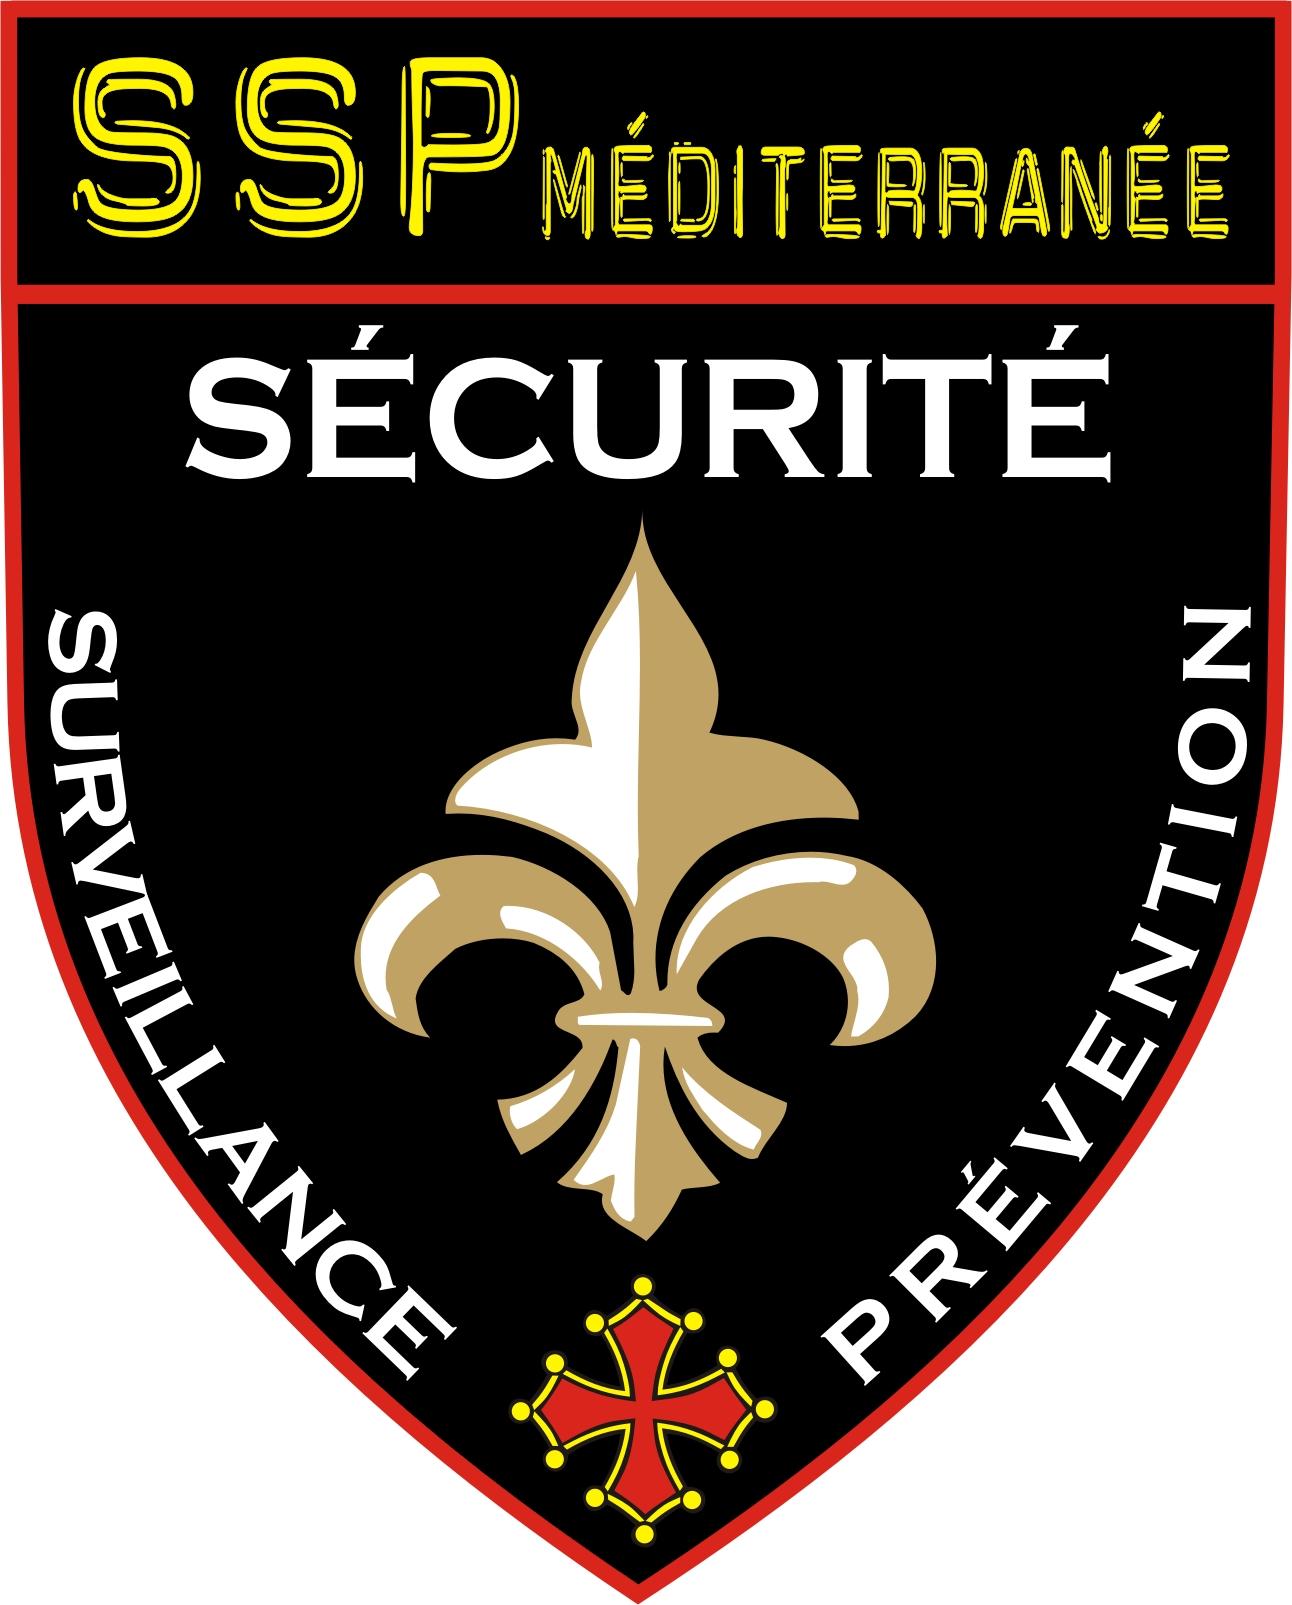 SSP Méditerranée